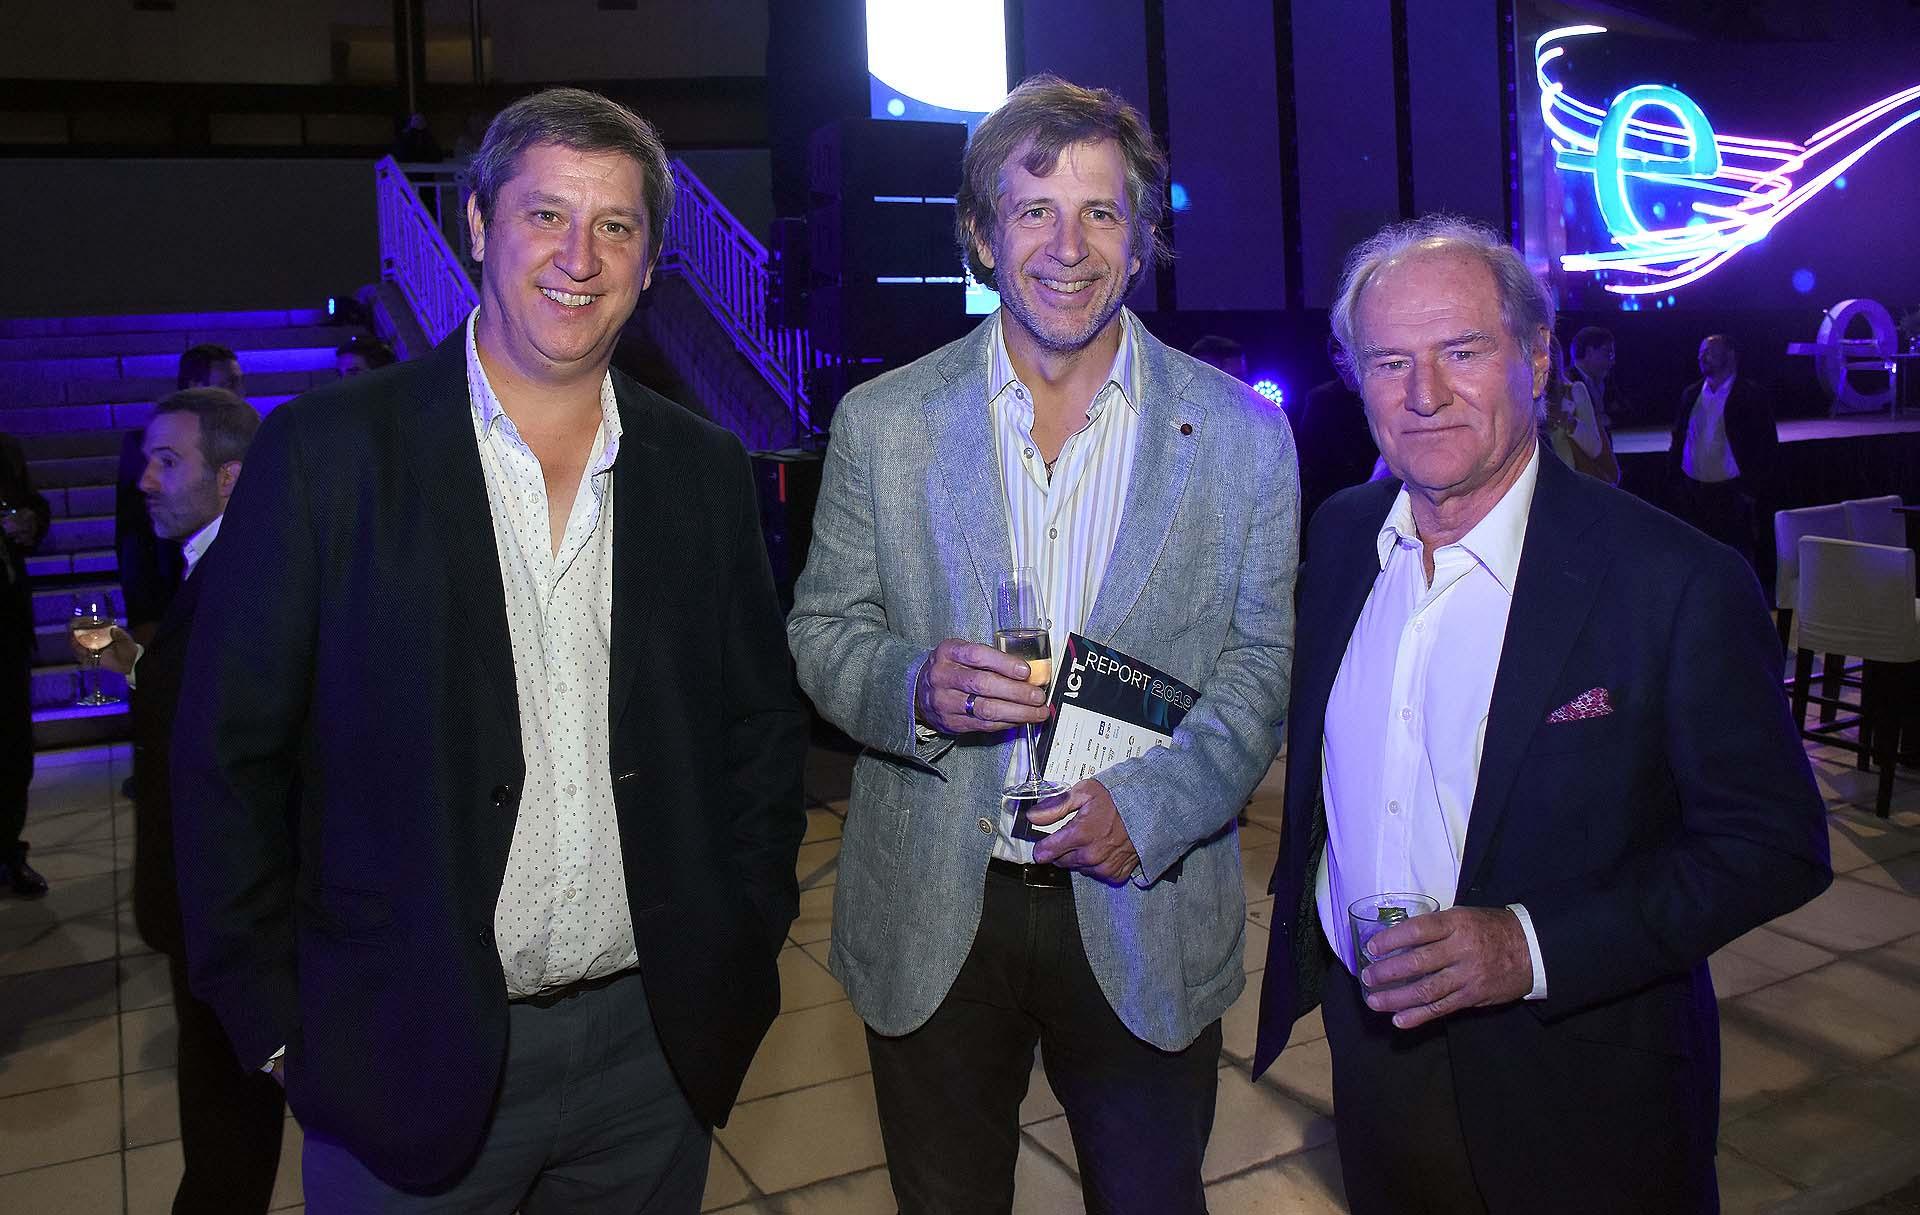 Rodolfo Montes de Oca, Fundador y CEO de Zott Producciones, Ramiro Otaño y Federico Braun, presidente supermercados la Anónima